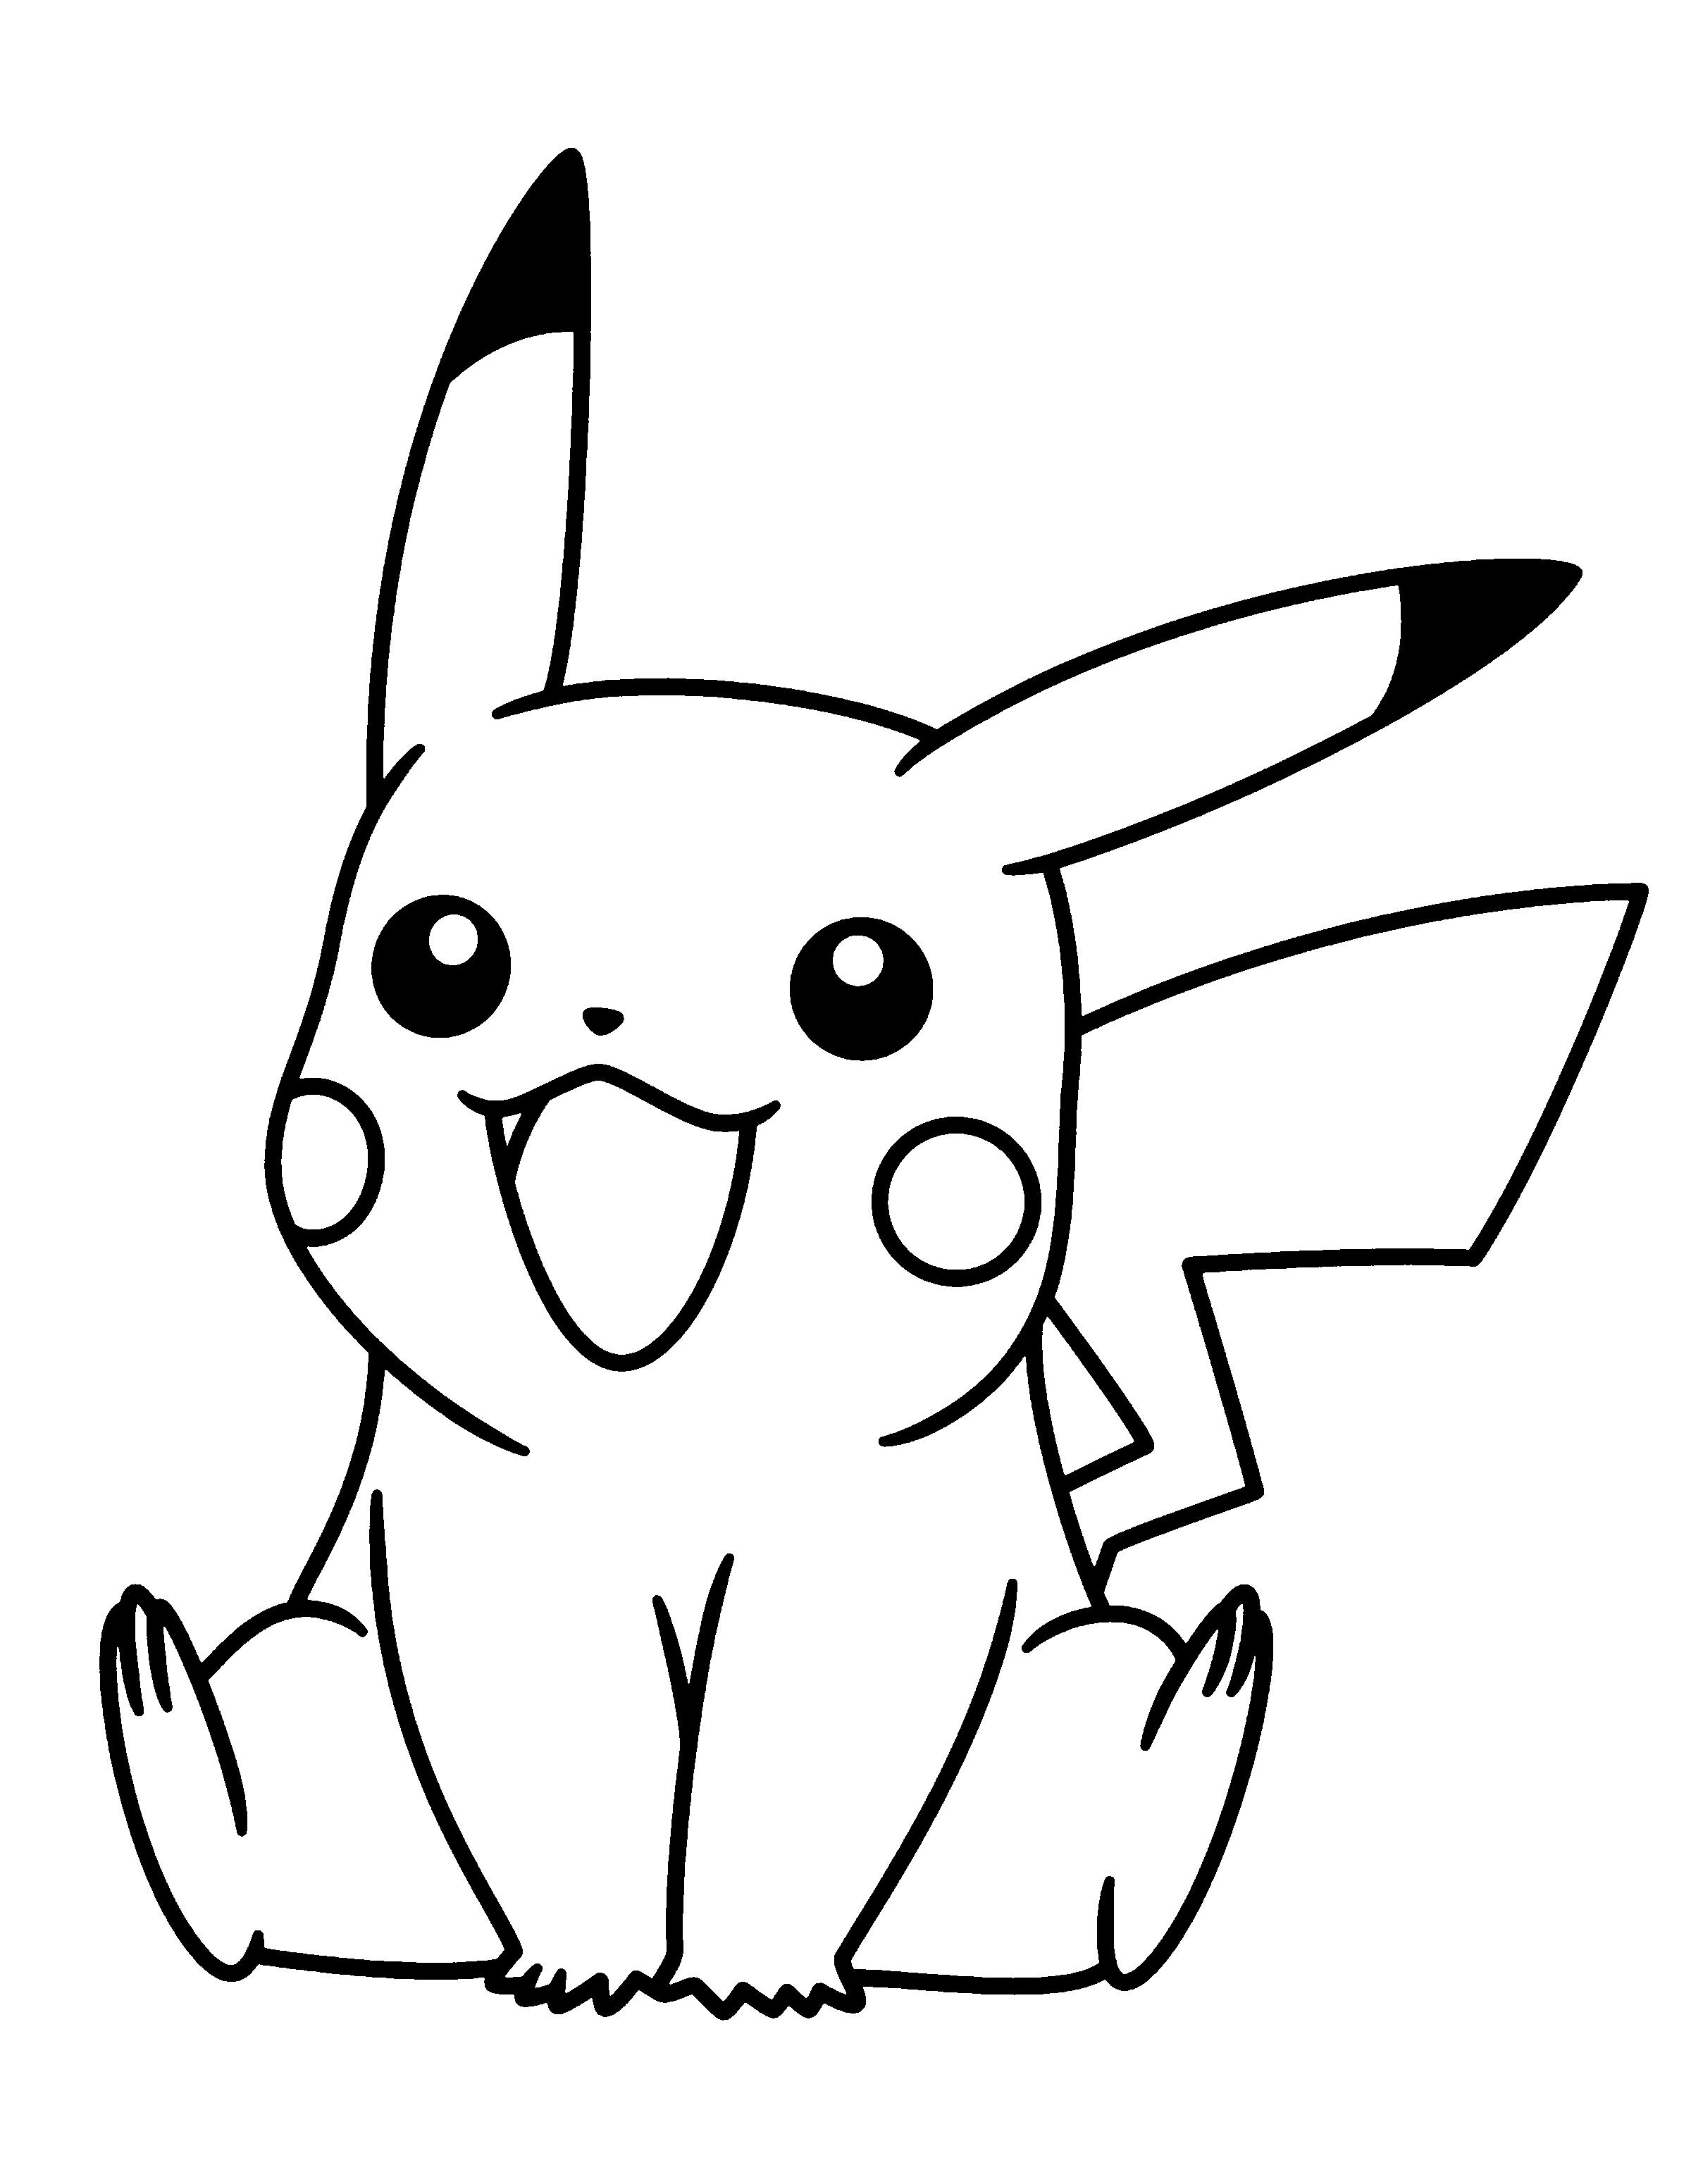 2400x3100 Fresh Pokemon Pikachu Coloring Pages Pichu Slowpoke Bulbasaur